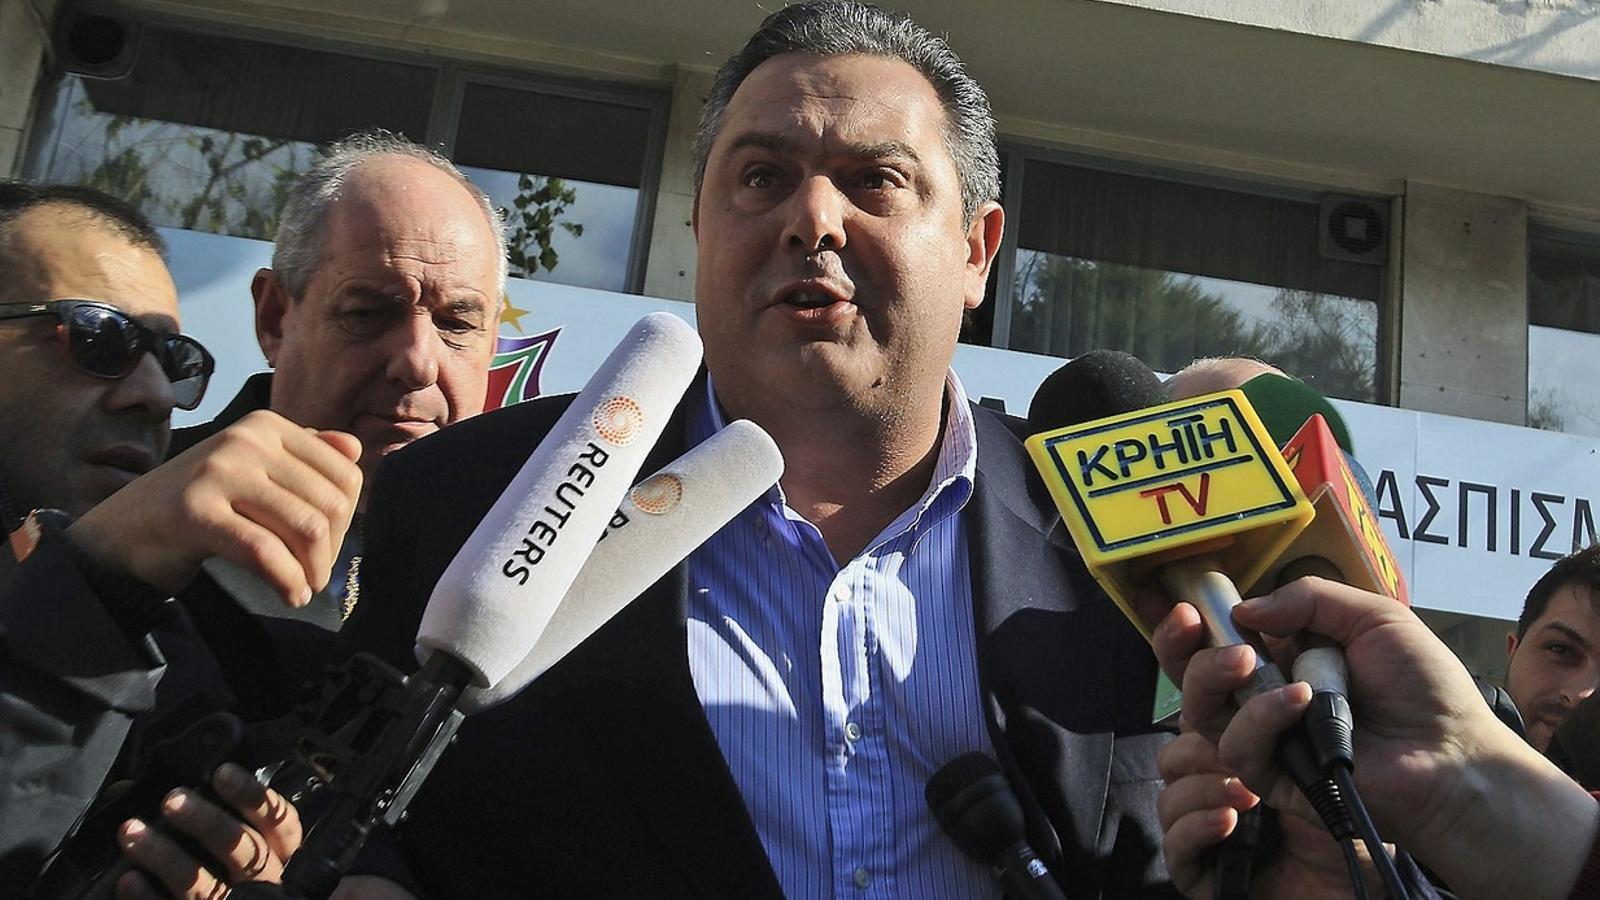 El líder de Grecs Independents, Panos Kammenos, ahir sortint de la seu de Syriza. / SIMELA PANTZARTZI / EFE